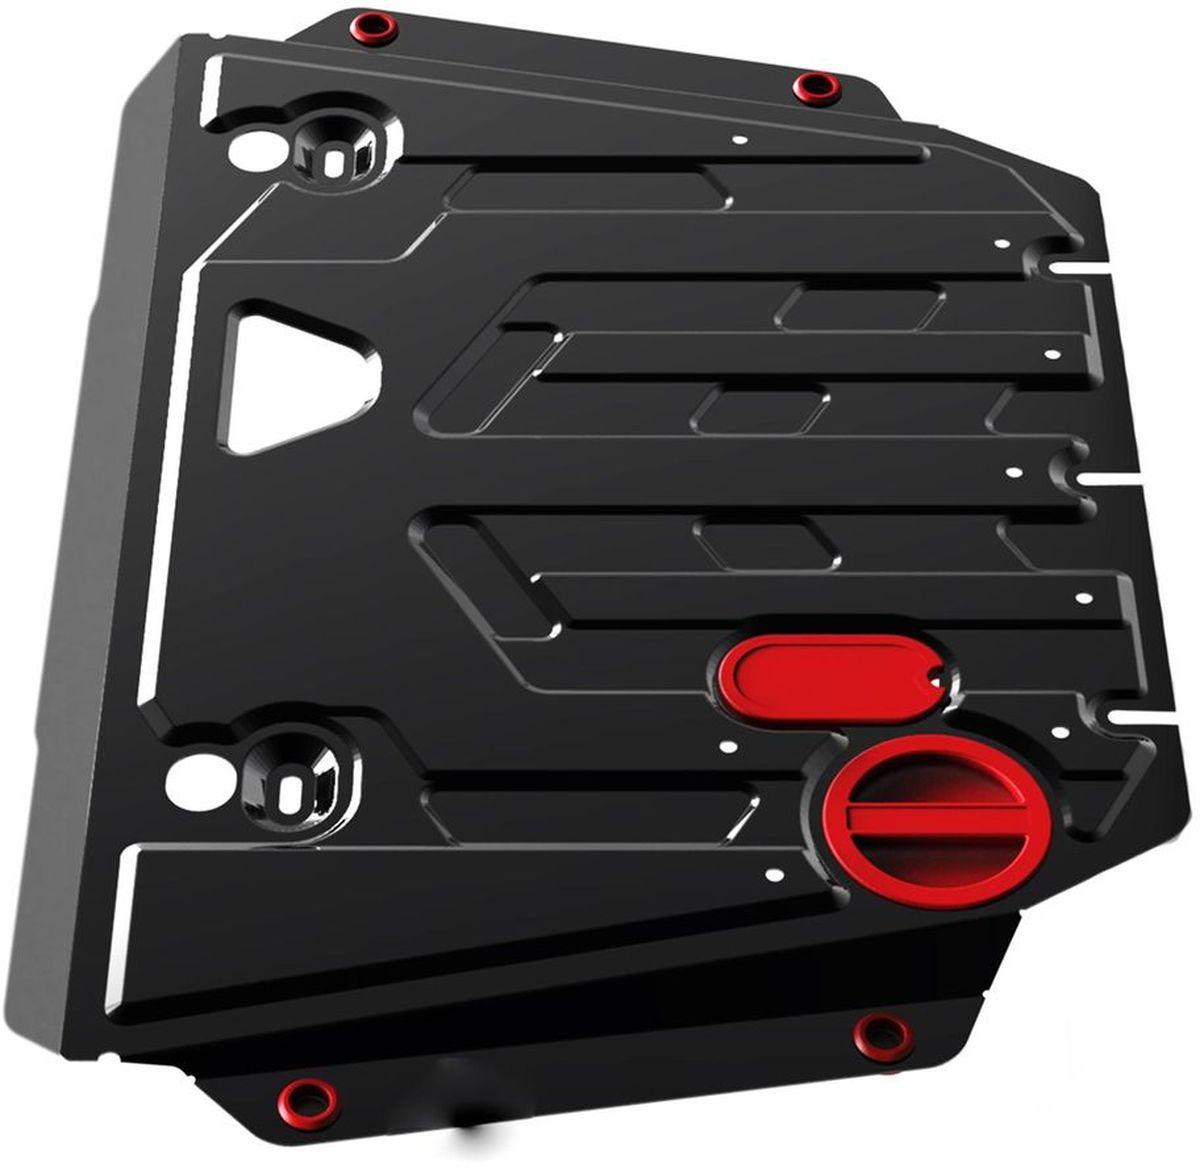 Защита картера и КПП Автоброня, для Citroen C3 Picasso V - 1,4; 1,6 (2009-) / Peugeot 207 V - все (2006-)111.01202.1Технологически совершенный продукт за невысокую стоимость. Защита разработана с учетом особенностей днища автомобиля, что позволяет сохранить дорожный просвет с минимальным изменением. Защита устанавливается в штатные места кузова автомобиля. Глубокий штамп обеспечивает до двух раз больше жесткости в сравнении с обычной защитой той же толщины. Проштампованные ребра жесткости препятствуют деформации защиты при ударах. Тепловой зазор и вентиляционные отверстия обеспечивают сохранение температурного режима двигателя в норме. Скрытый крепеж предотвращает срыв крепежных элементов при наезде на препятствие. Шумопоглощающие резиновые элементы обеспечивают комфортную езду без вибраций и скрежета металла, а съемные лючки для слива масла и замены фильтра - экономию средств и время. Конструкция изделия не влияет на пассивную безопасность автомобиля (при ударе защита не воздействует на деформационные зоны кузова). Со штатным крепежом. В комплекте инструкция по установке....